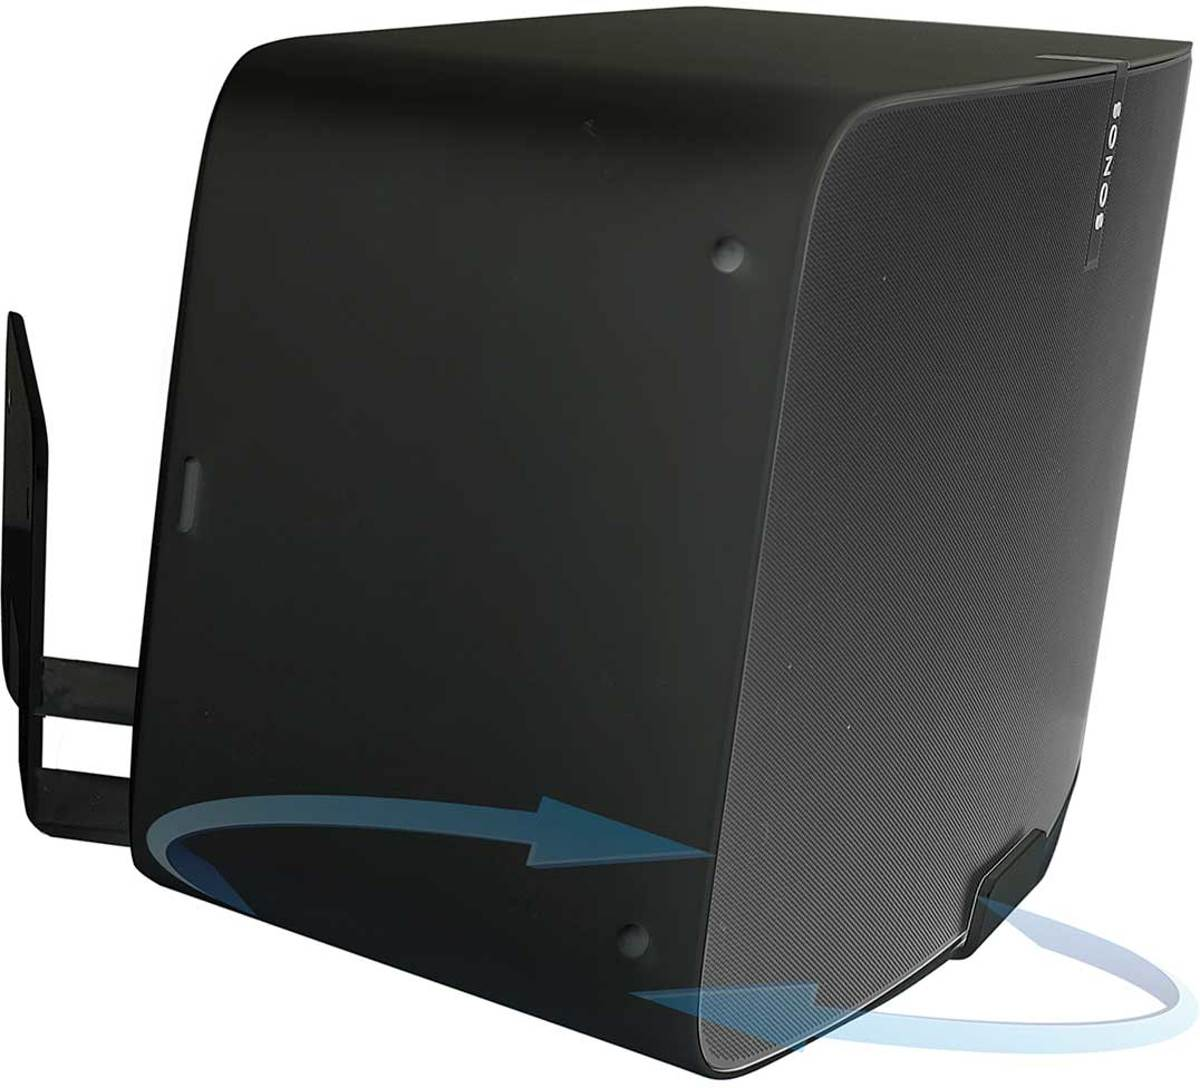 Vebos muurbeugel Sonos Play 5 gen 2 draaibaar 20 graden zwart kopen